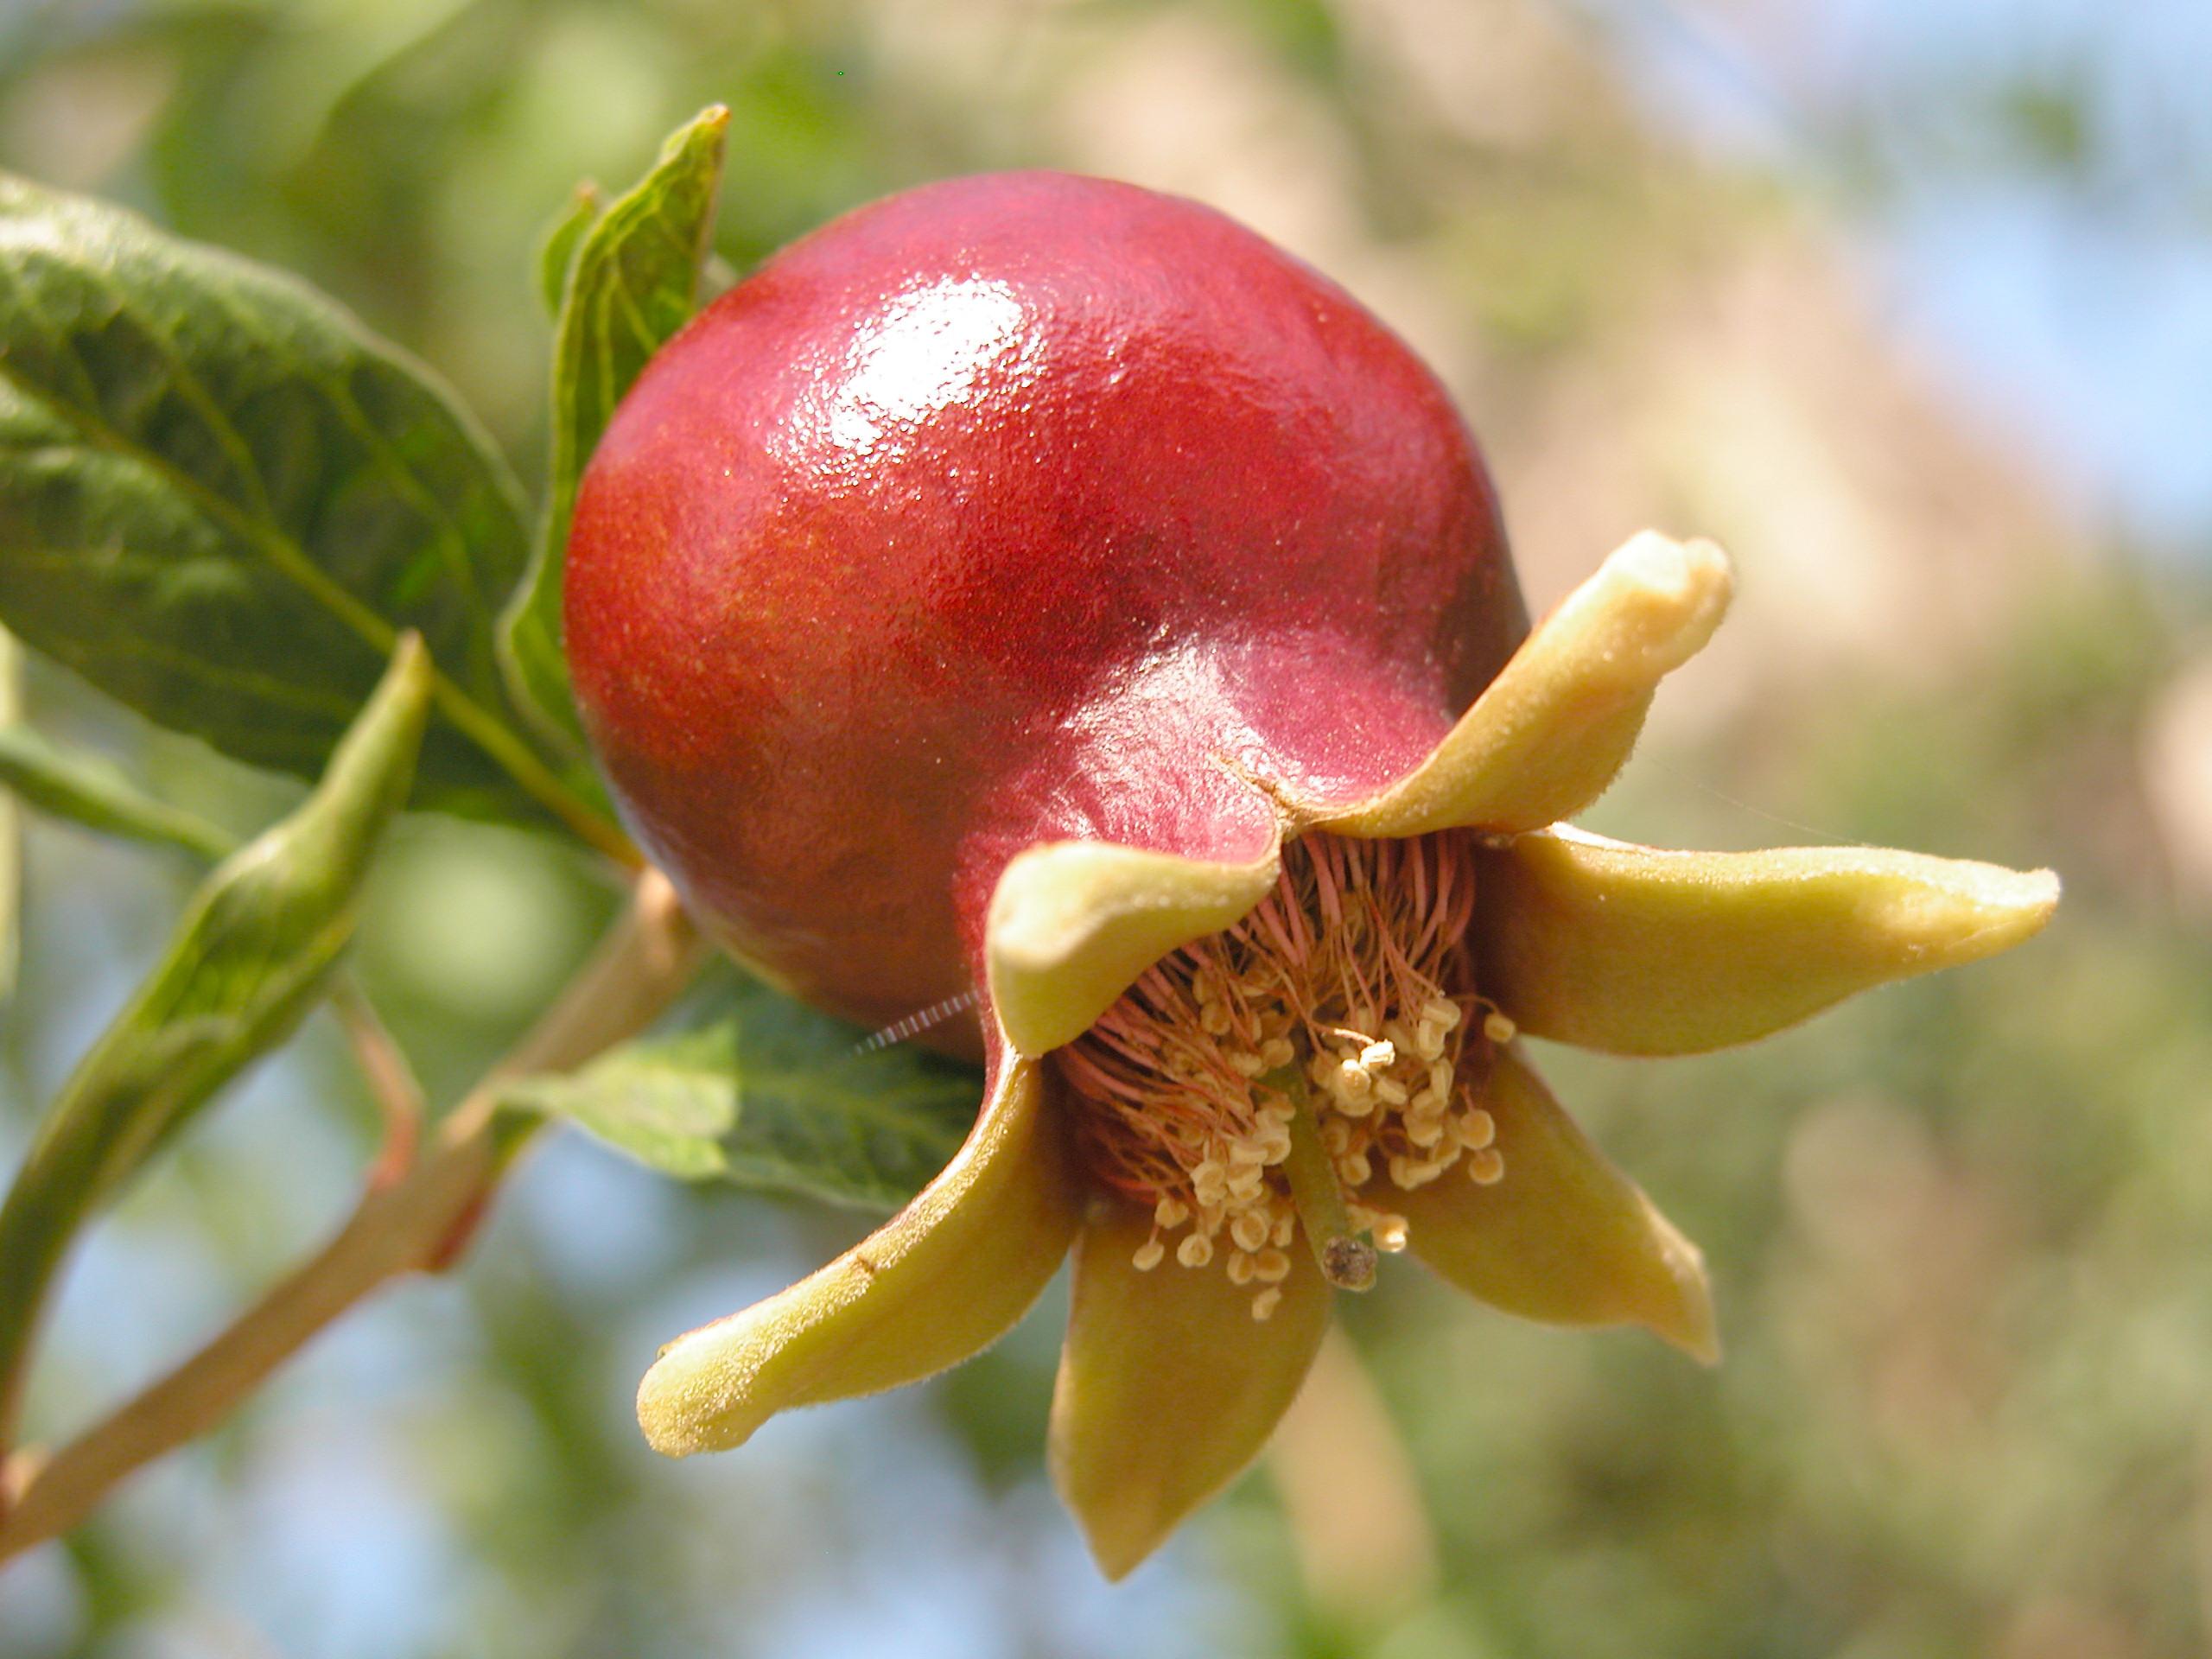 Комнатные растения: гранат выращивание в домашних условиях, посадка и уход и за ним